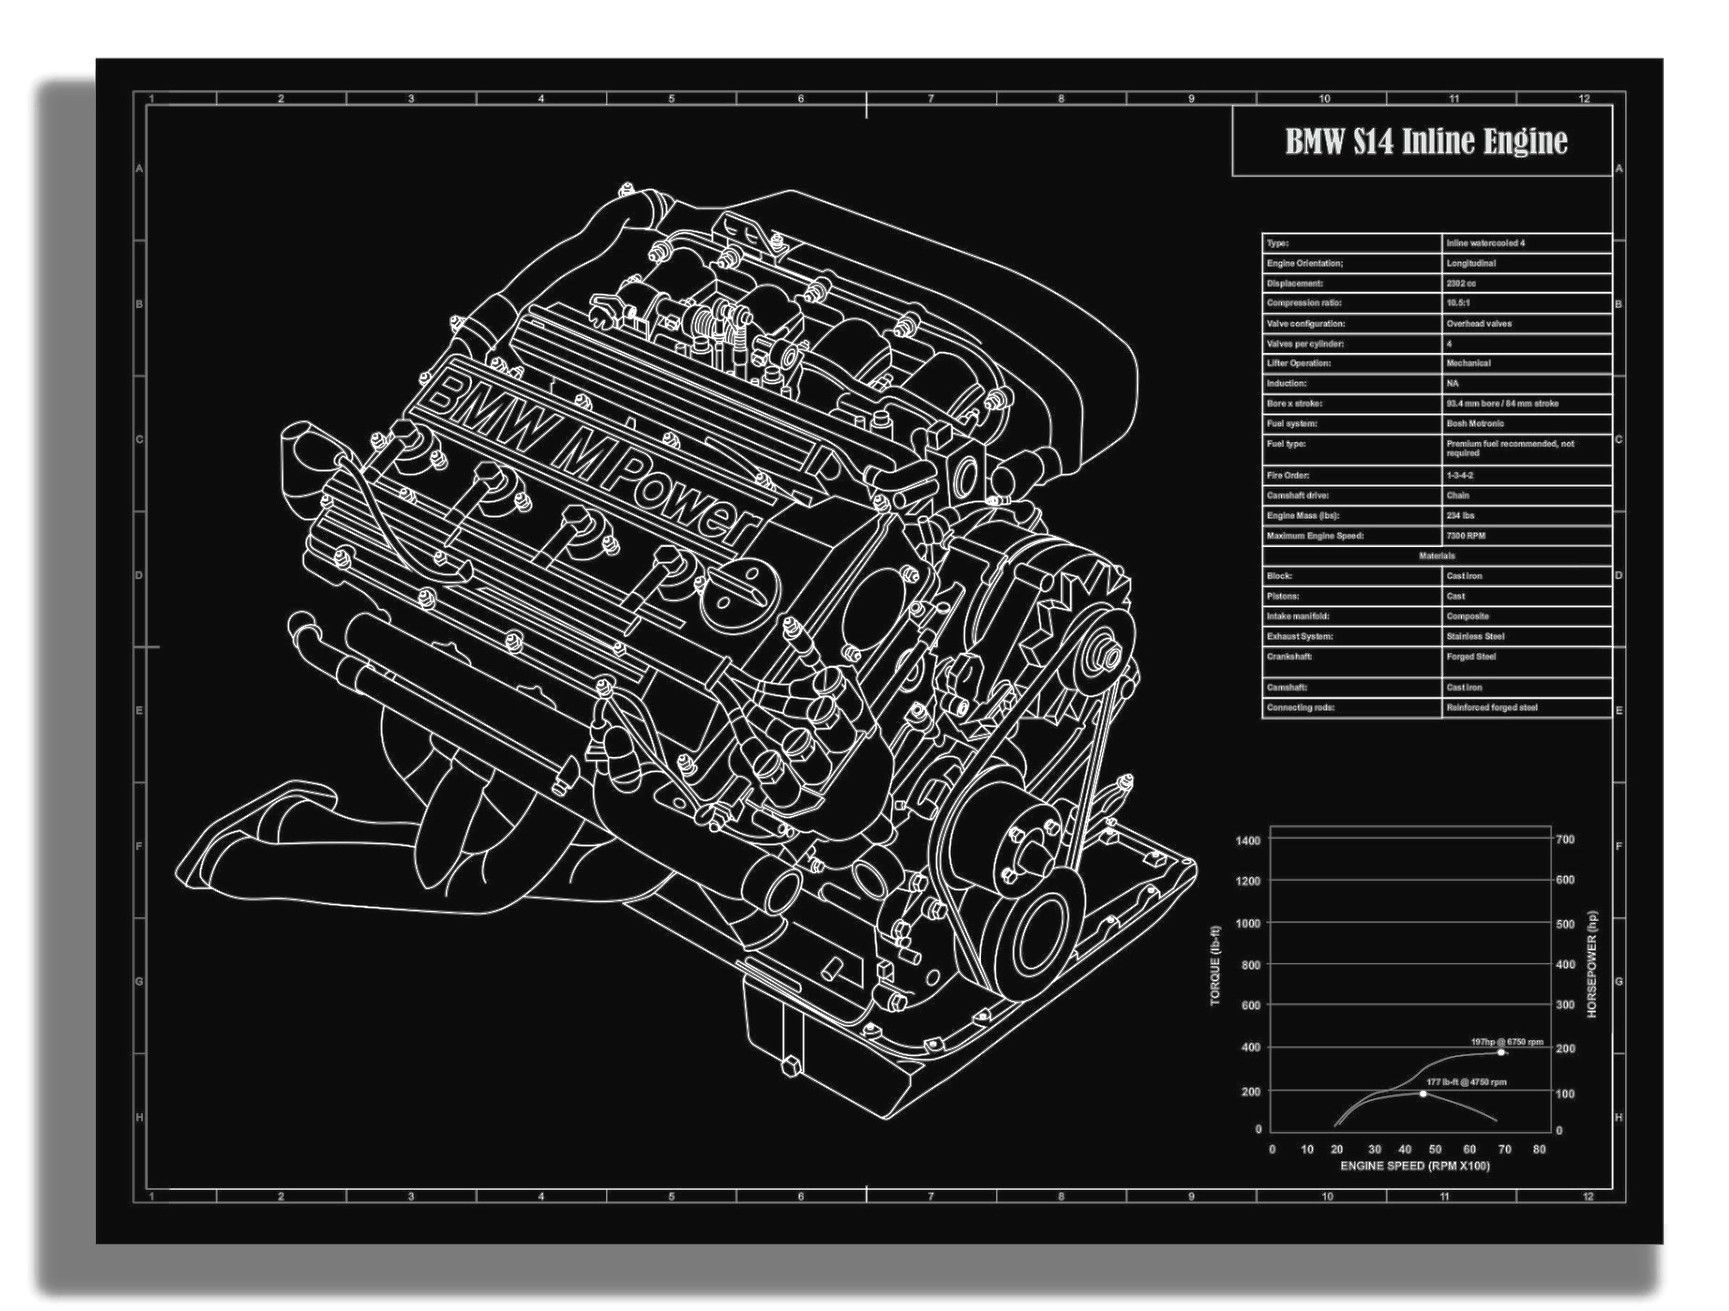 Bmw E30 M3 S14 Engine